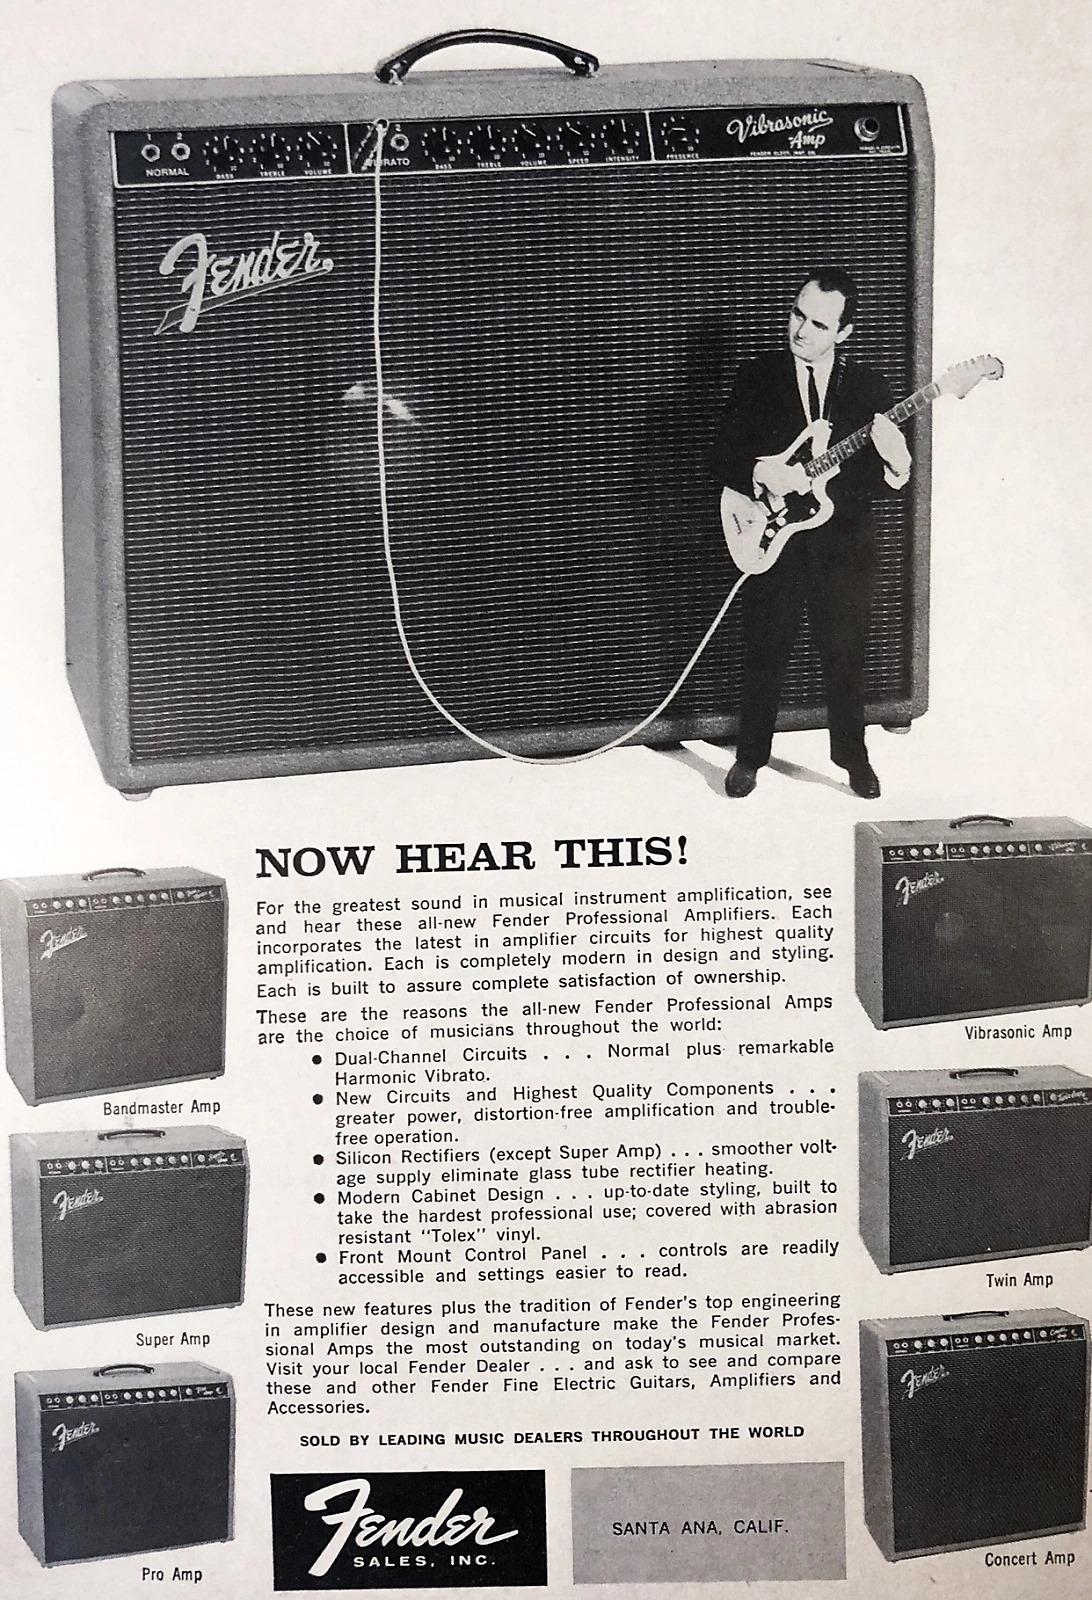 Fender-Vintage-07-02.jpg